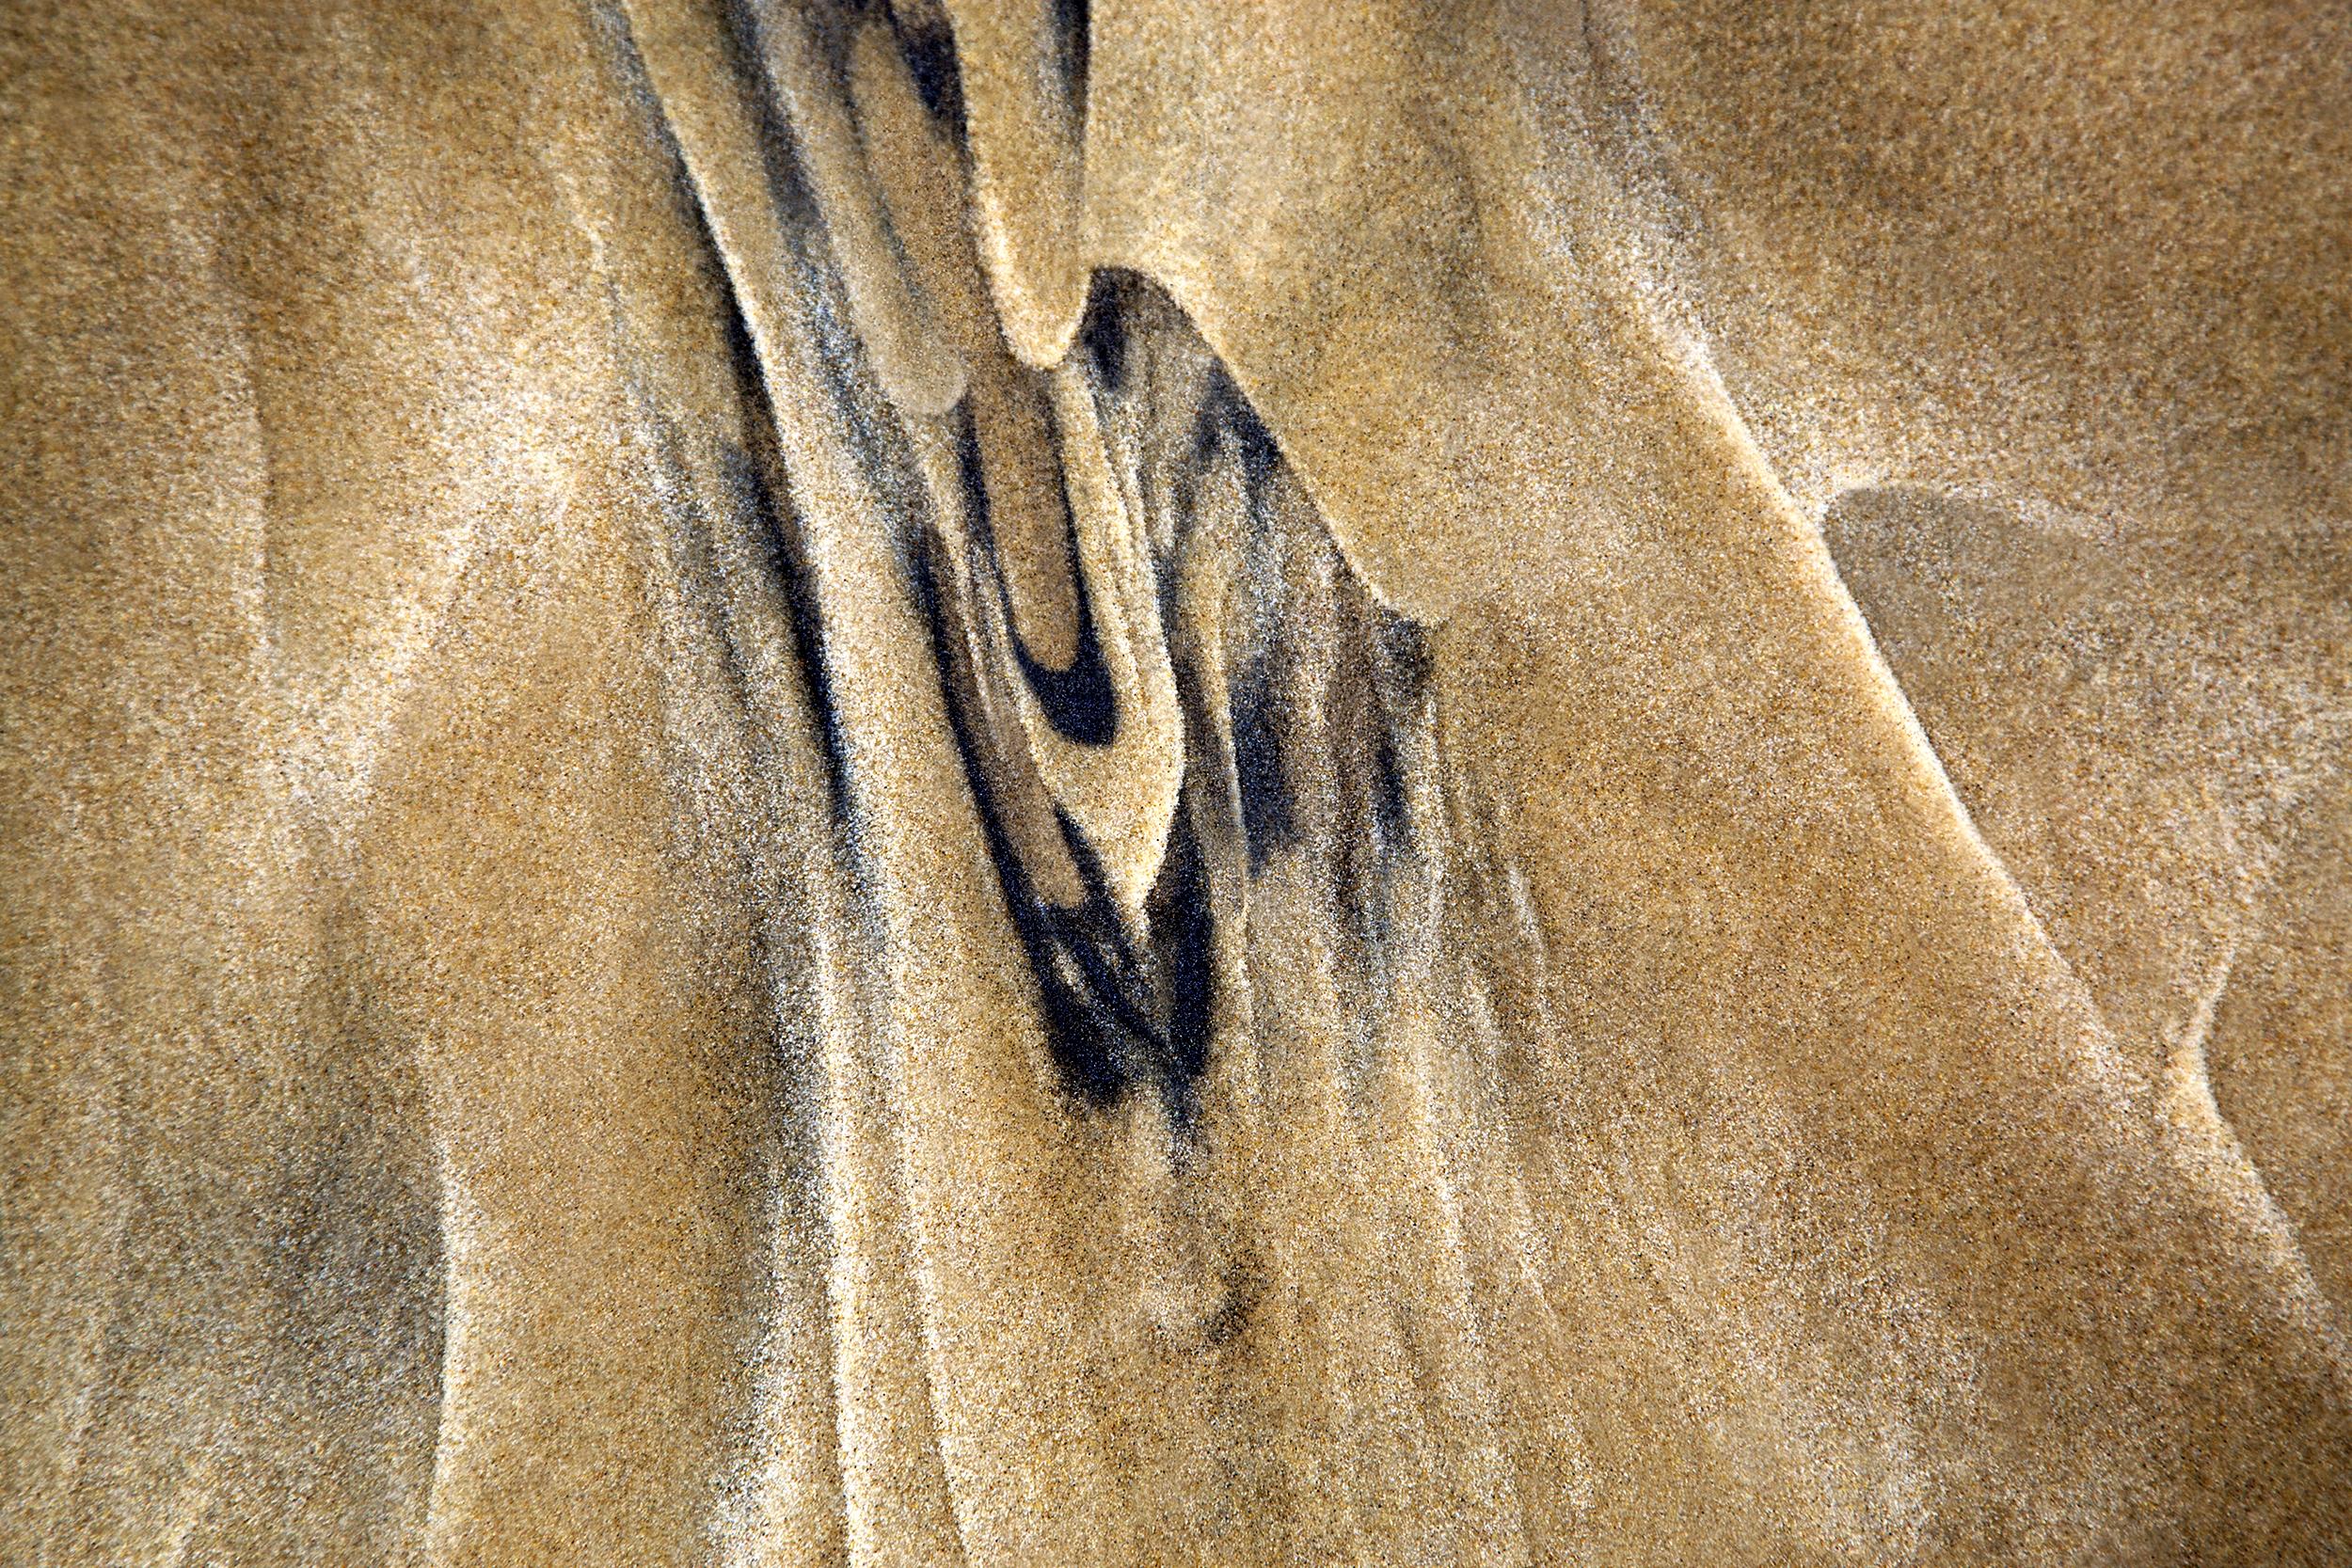 Terra Tracing 11, 2015, Hahnemuele photo rag, 20 x 30 in, edition of 15, (12 available), $1,700; 26 x 39 in, edition of 15 (14 available), $2,800